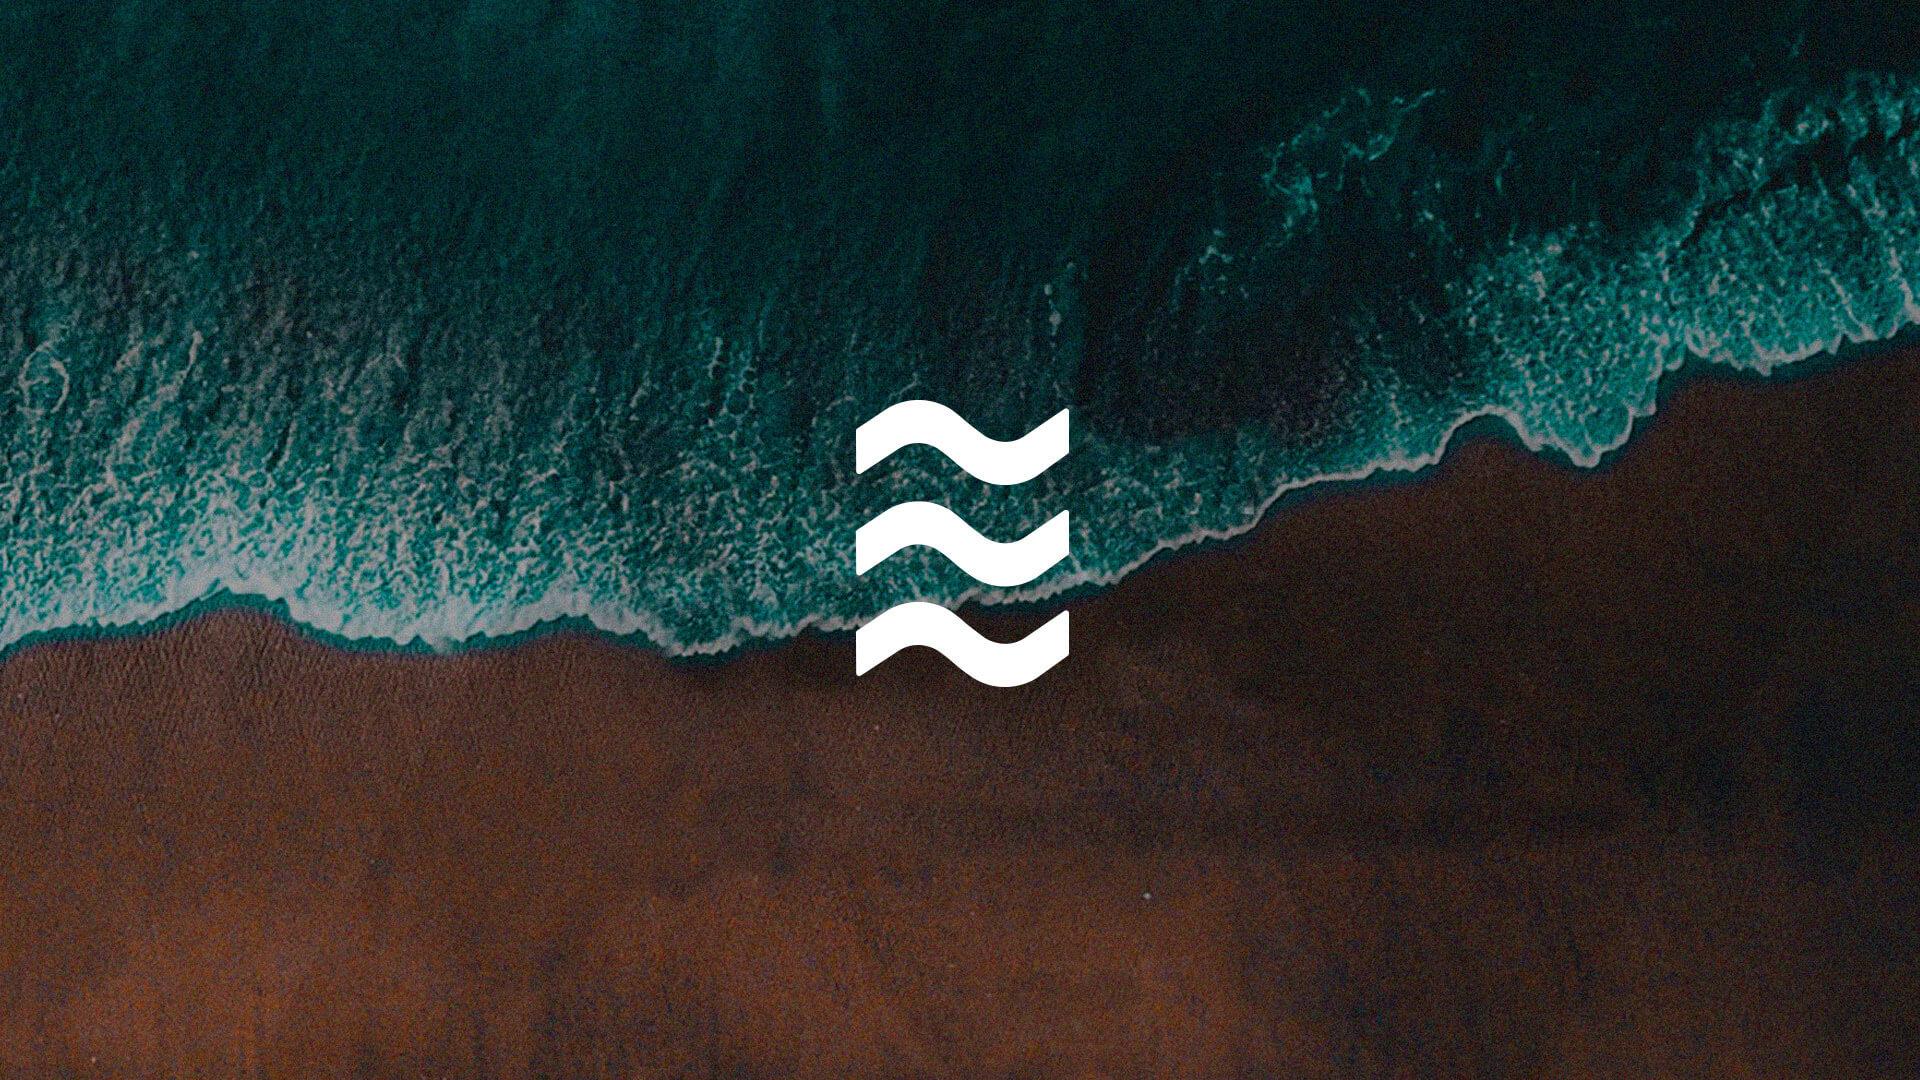 LA INPIRACION VINO DEL MAR Y EL MUNDO DEL SURF BRANDING PAOLO AGOSTINI TEAHUPOO